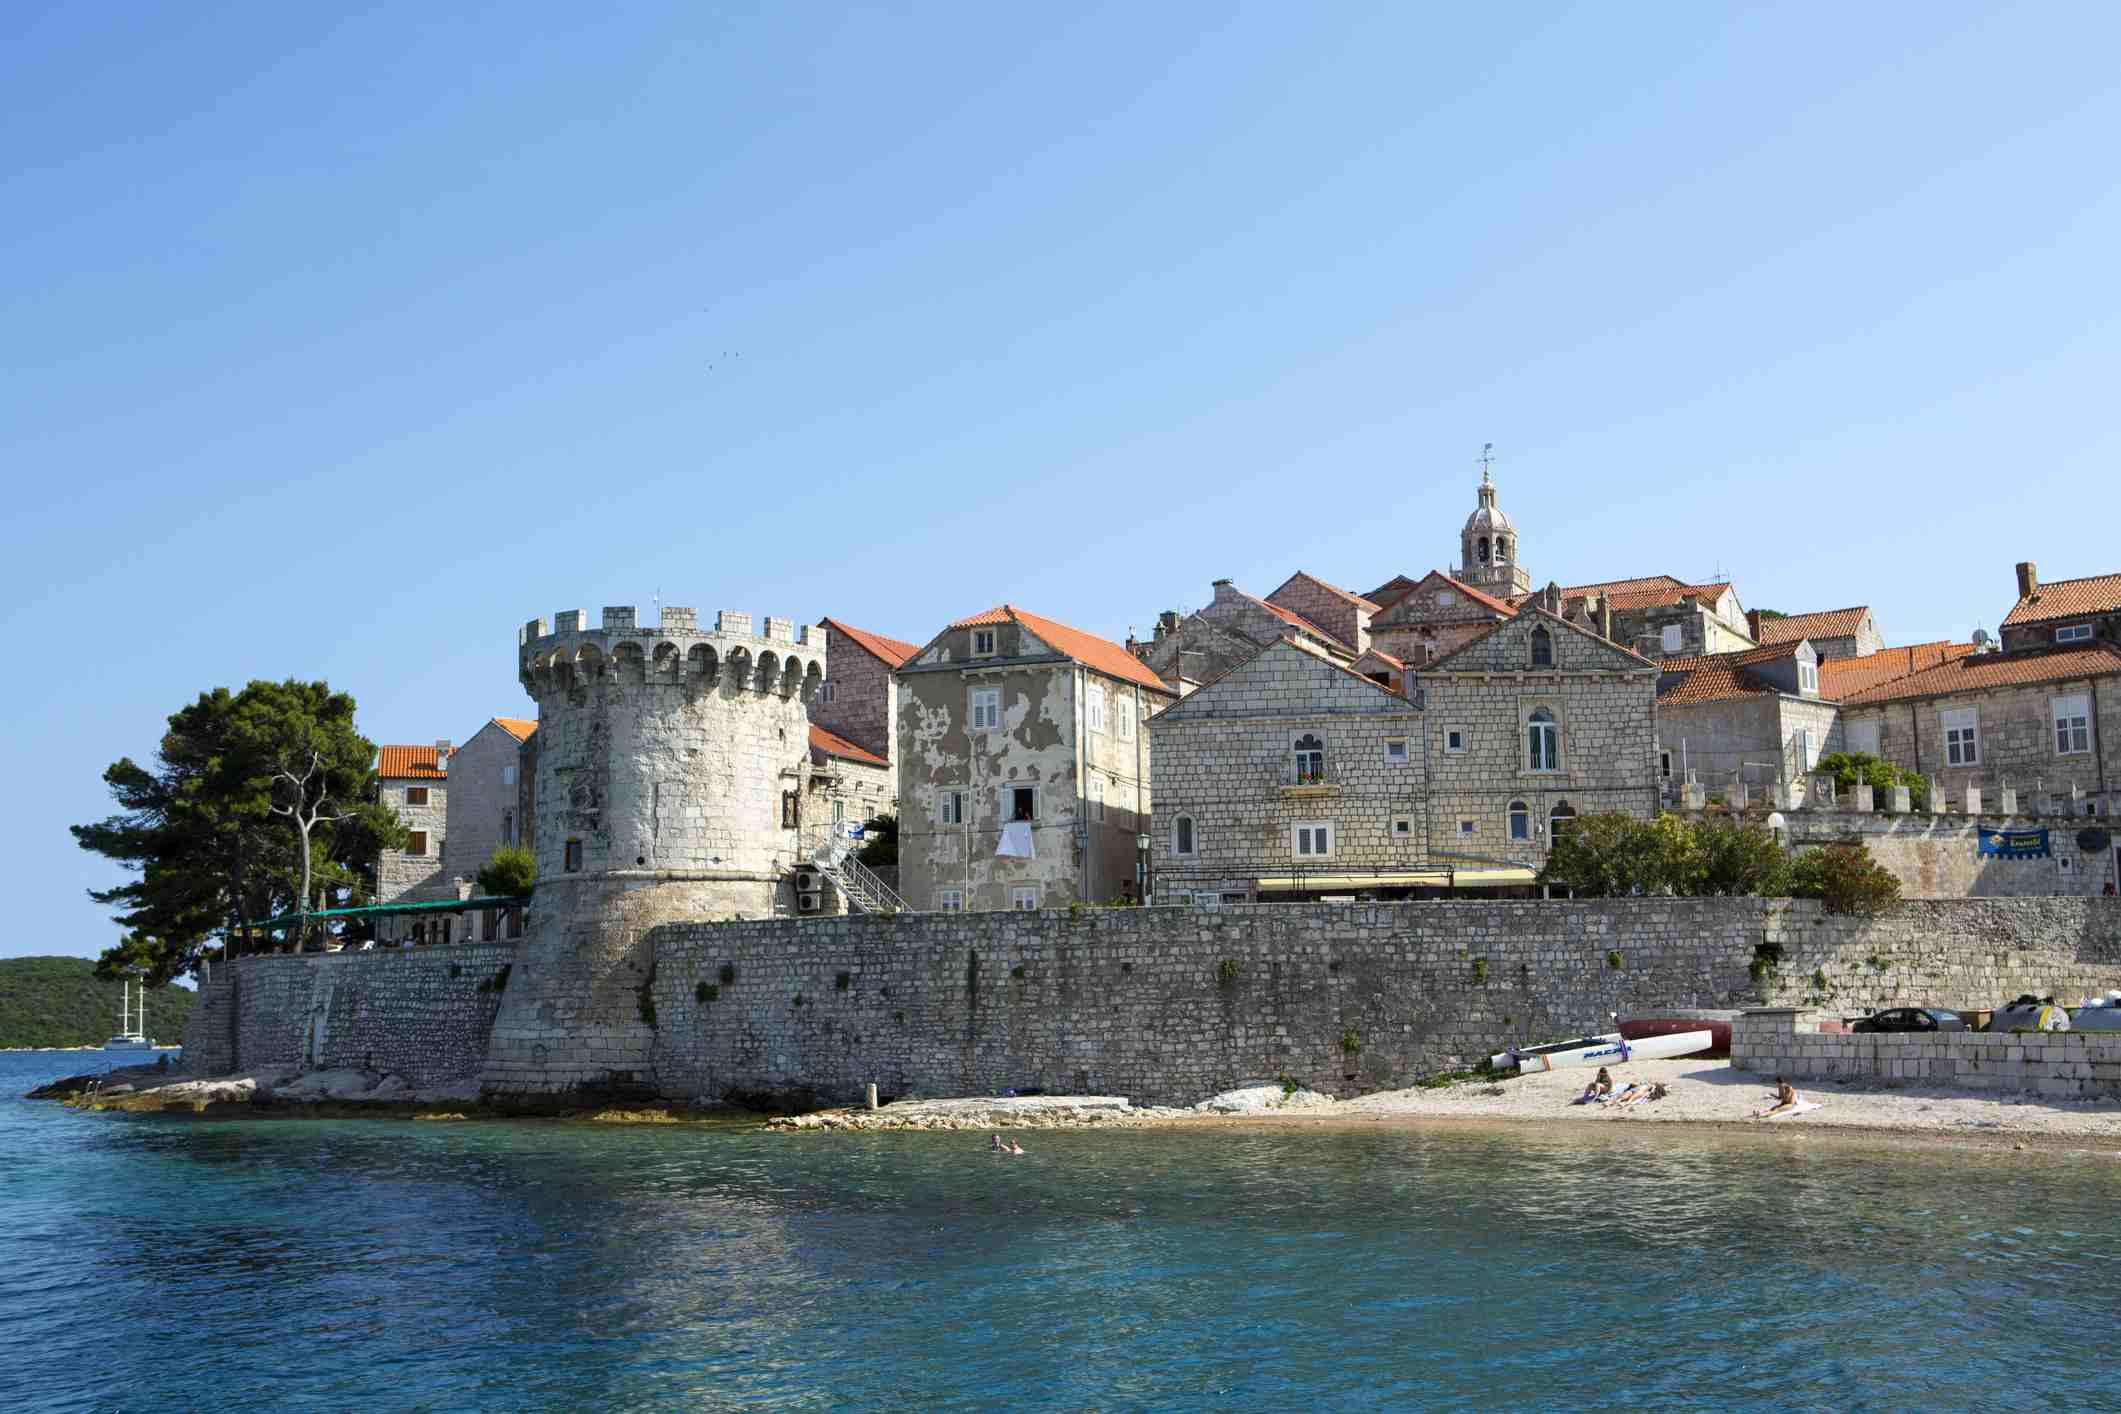 Europe, Croatia, Dalmatia, Korcula island, Korcula town, showing the fortified city walls